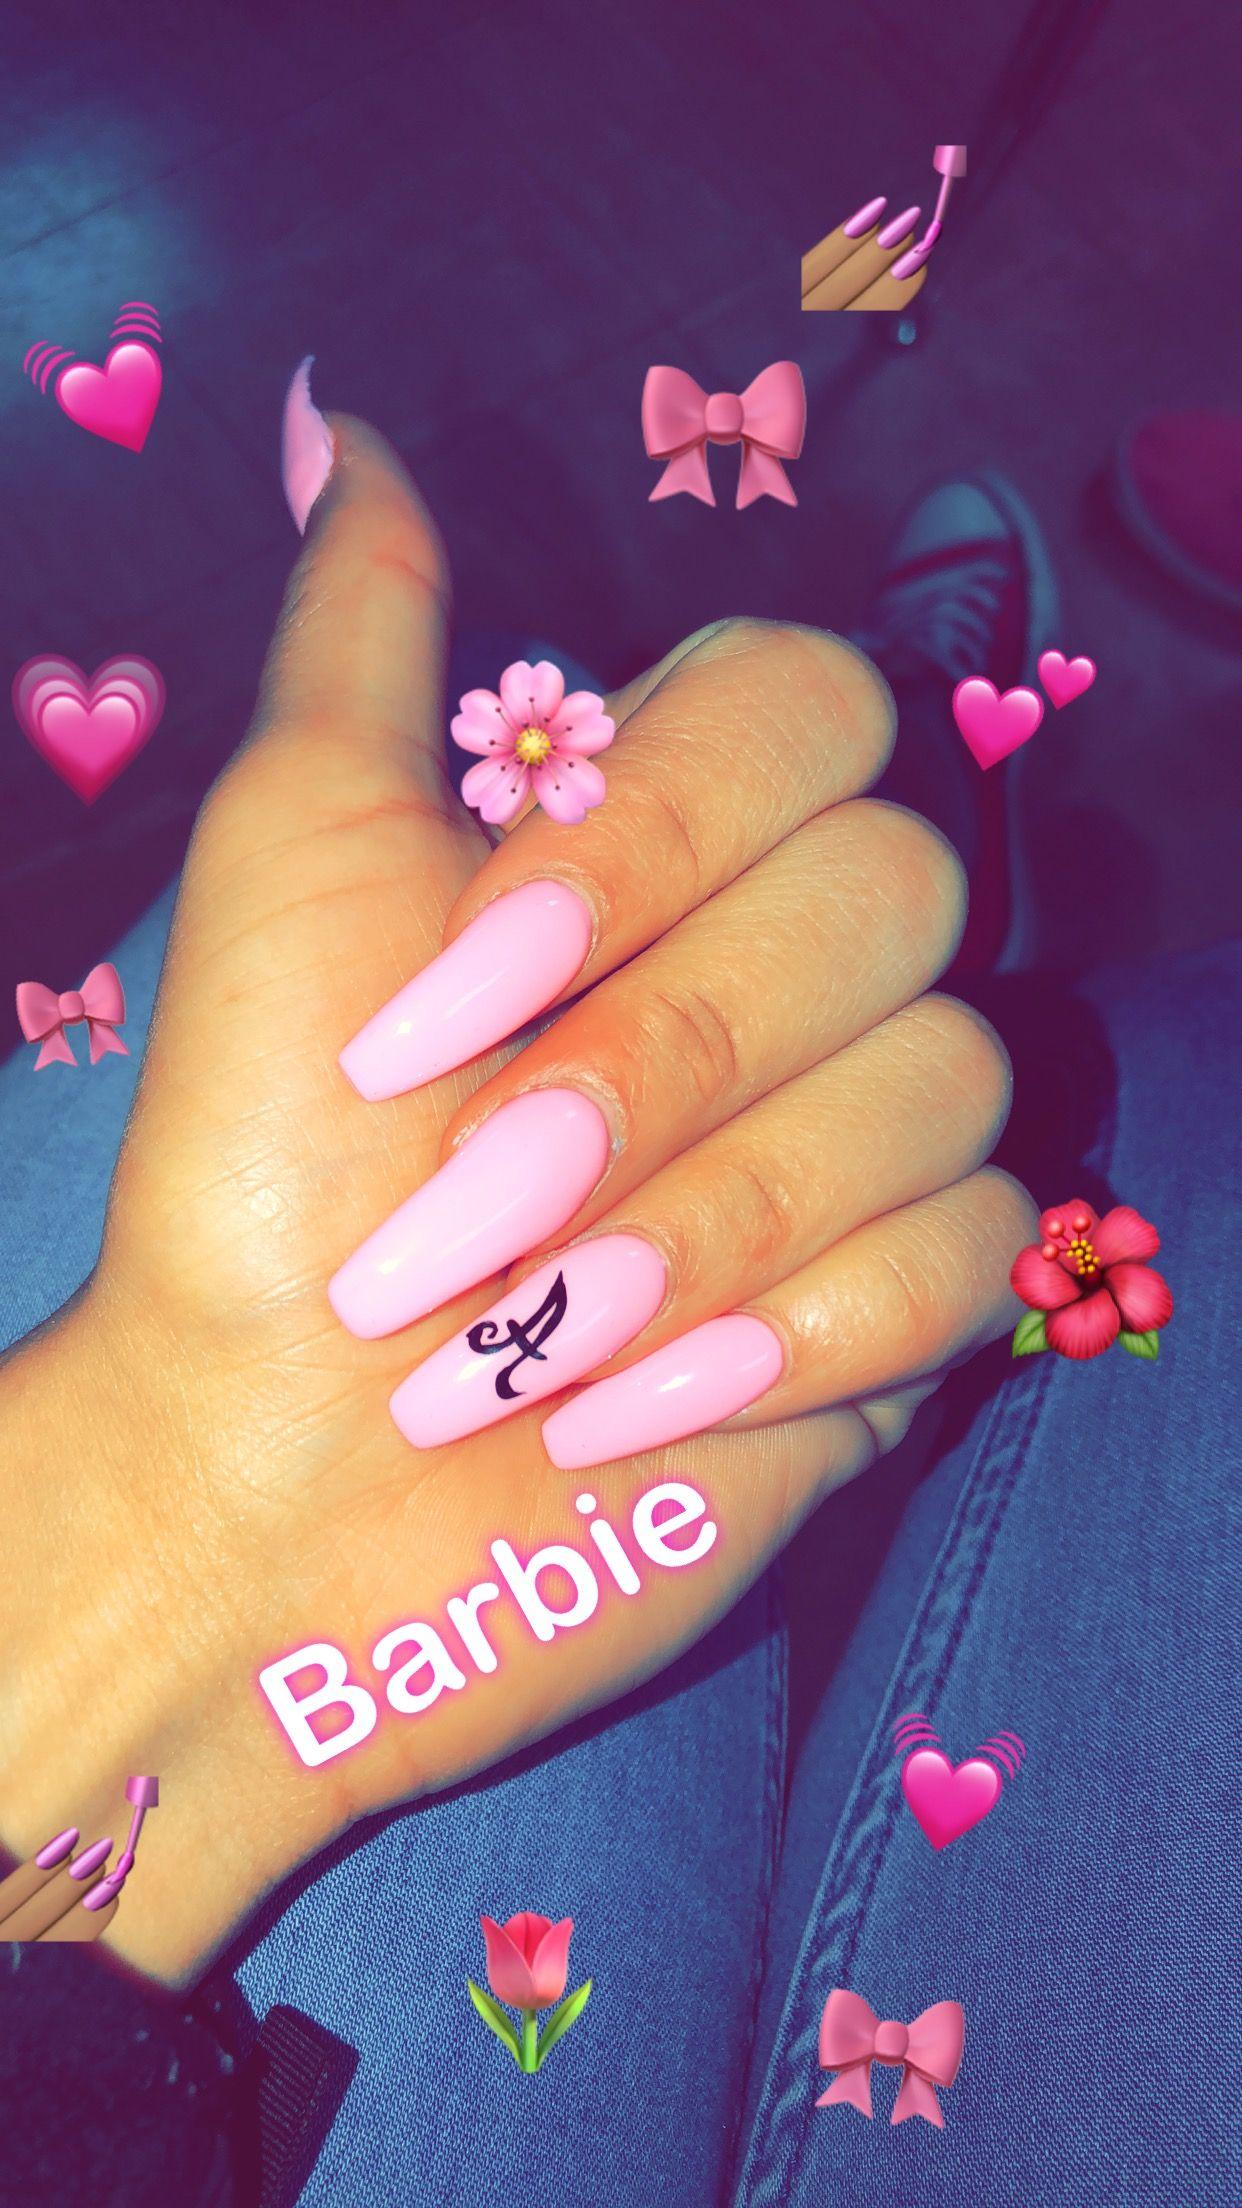 Nailinspo Barbie Pink Initial Nail Pinknails Pinterest Sanahnah Pink Acrylic Nails Long Acrylic Nails Pink Nails